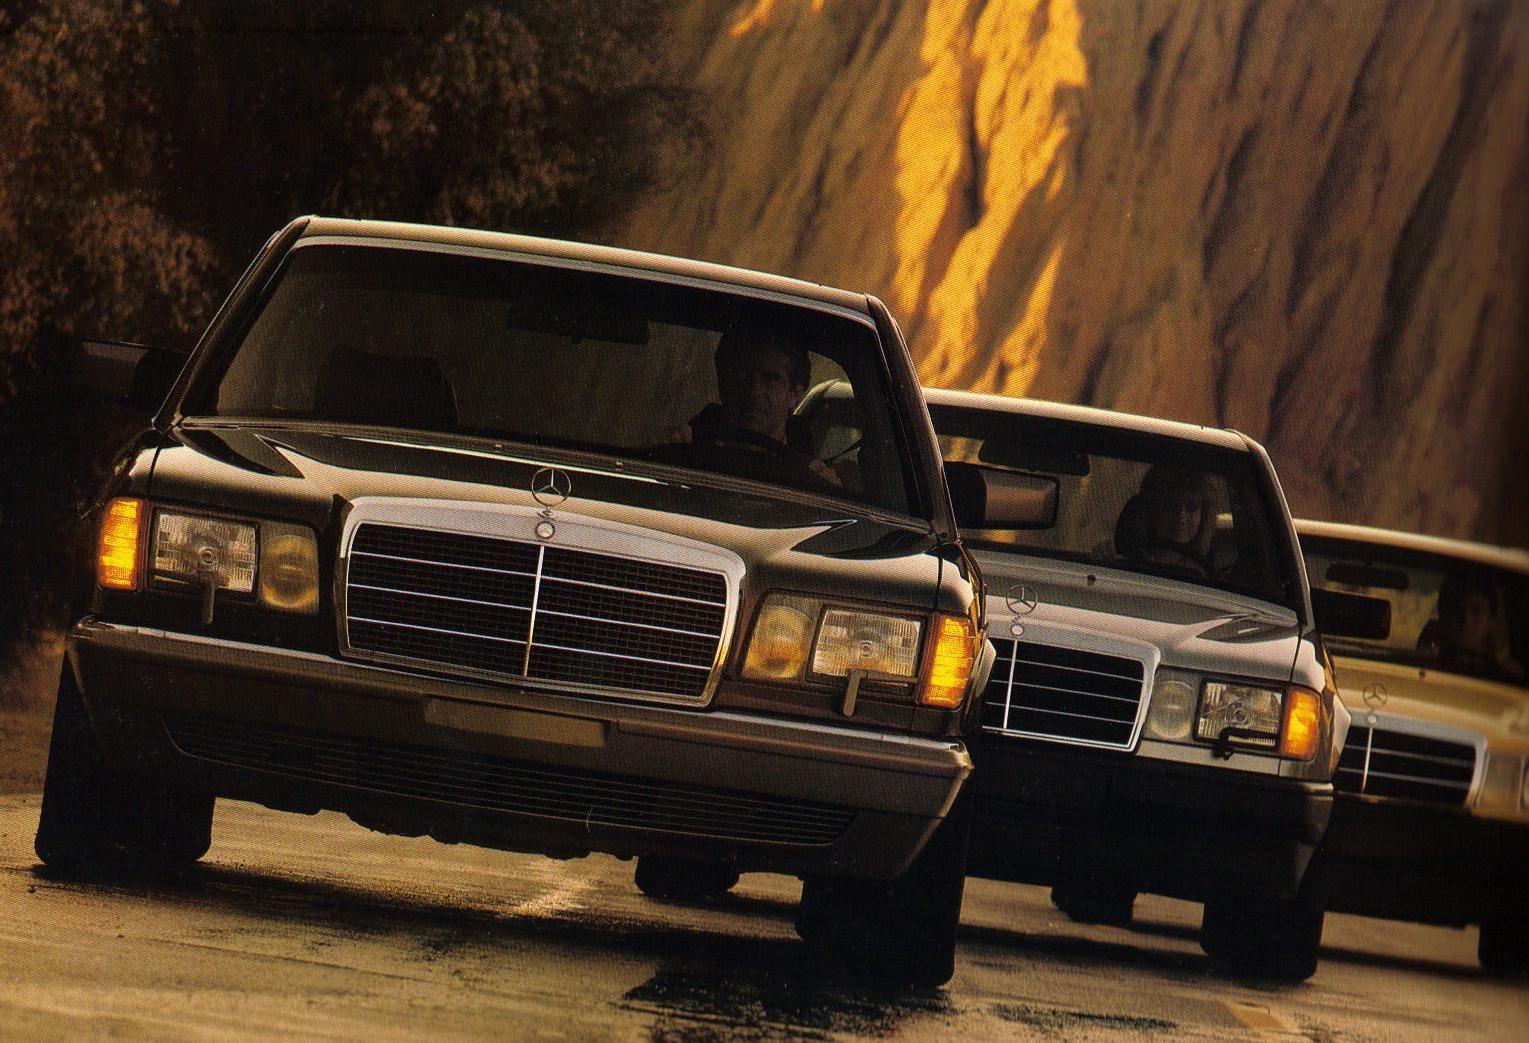 Mercedes w126 s class mercedes w126 s class 1979 1991 for Mercedes benz 80s